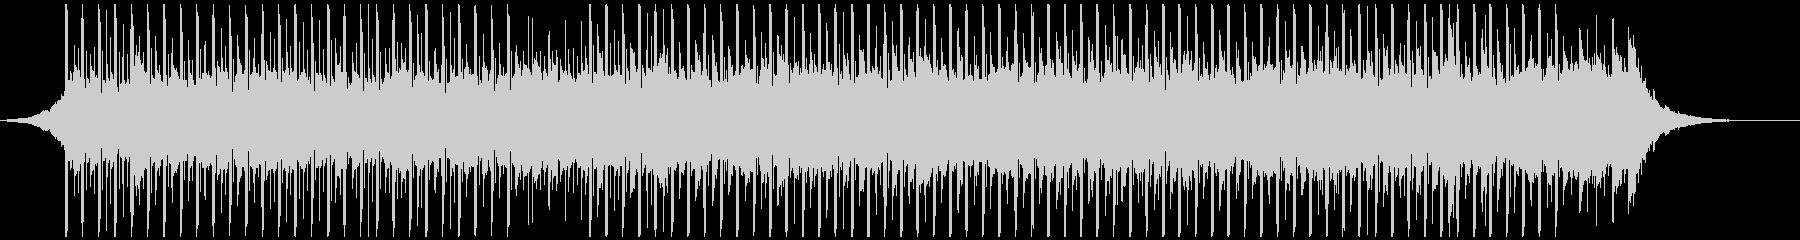 サクセスフルベンチャー(ミディアム)の未再生の波形